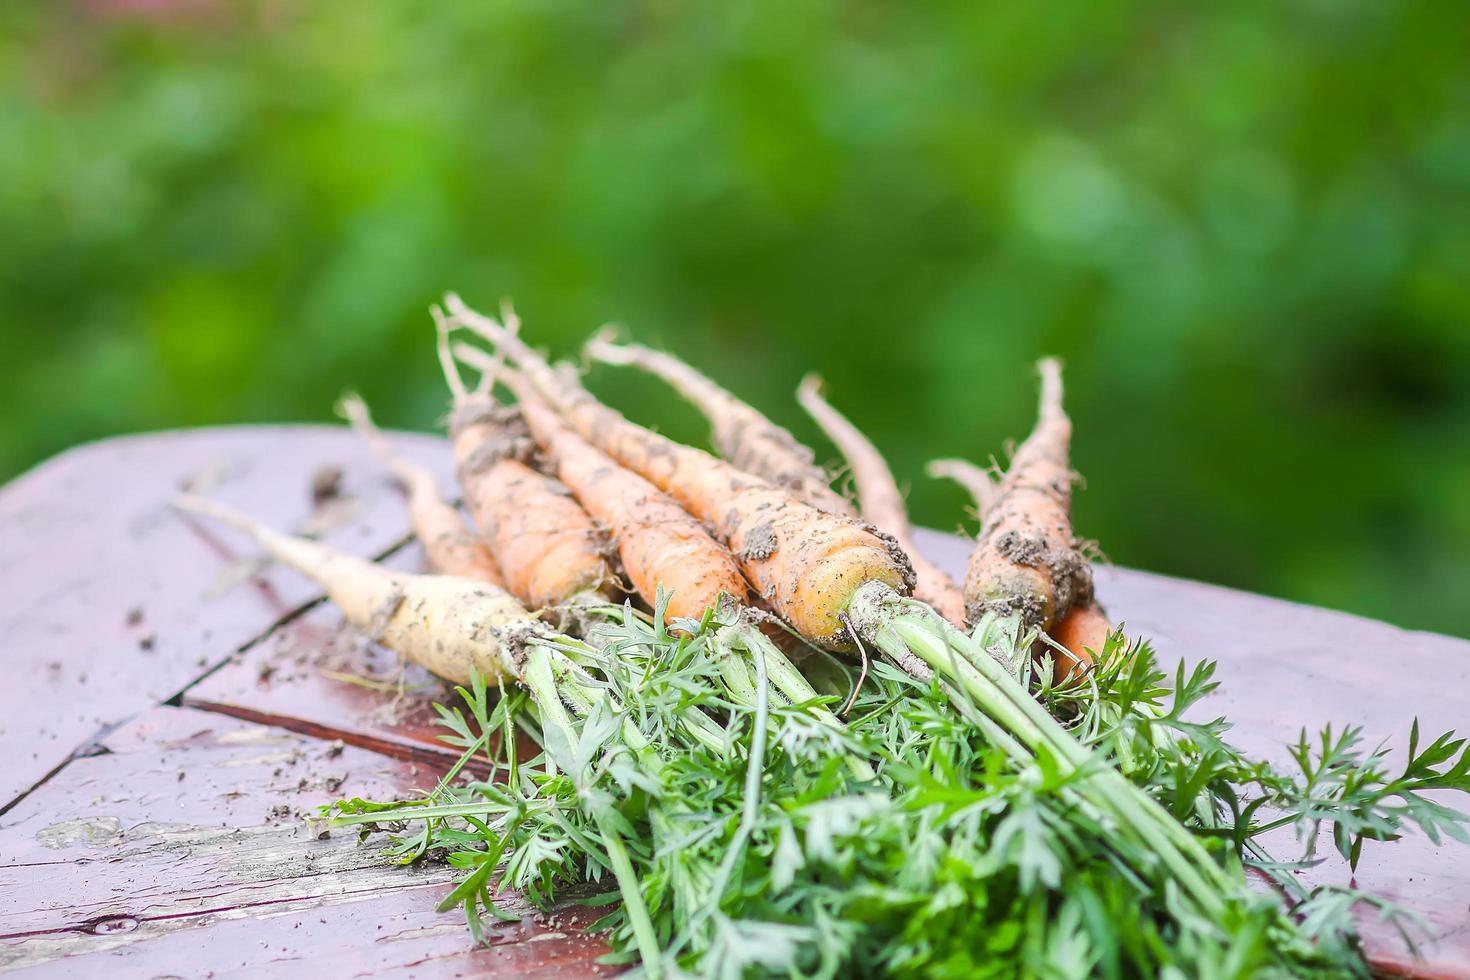 groupe de carottes cueillies photo